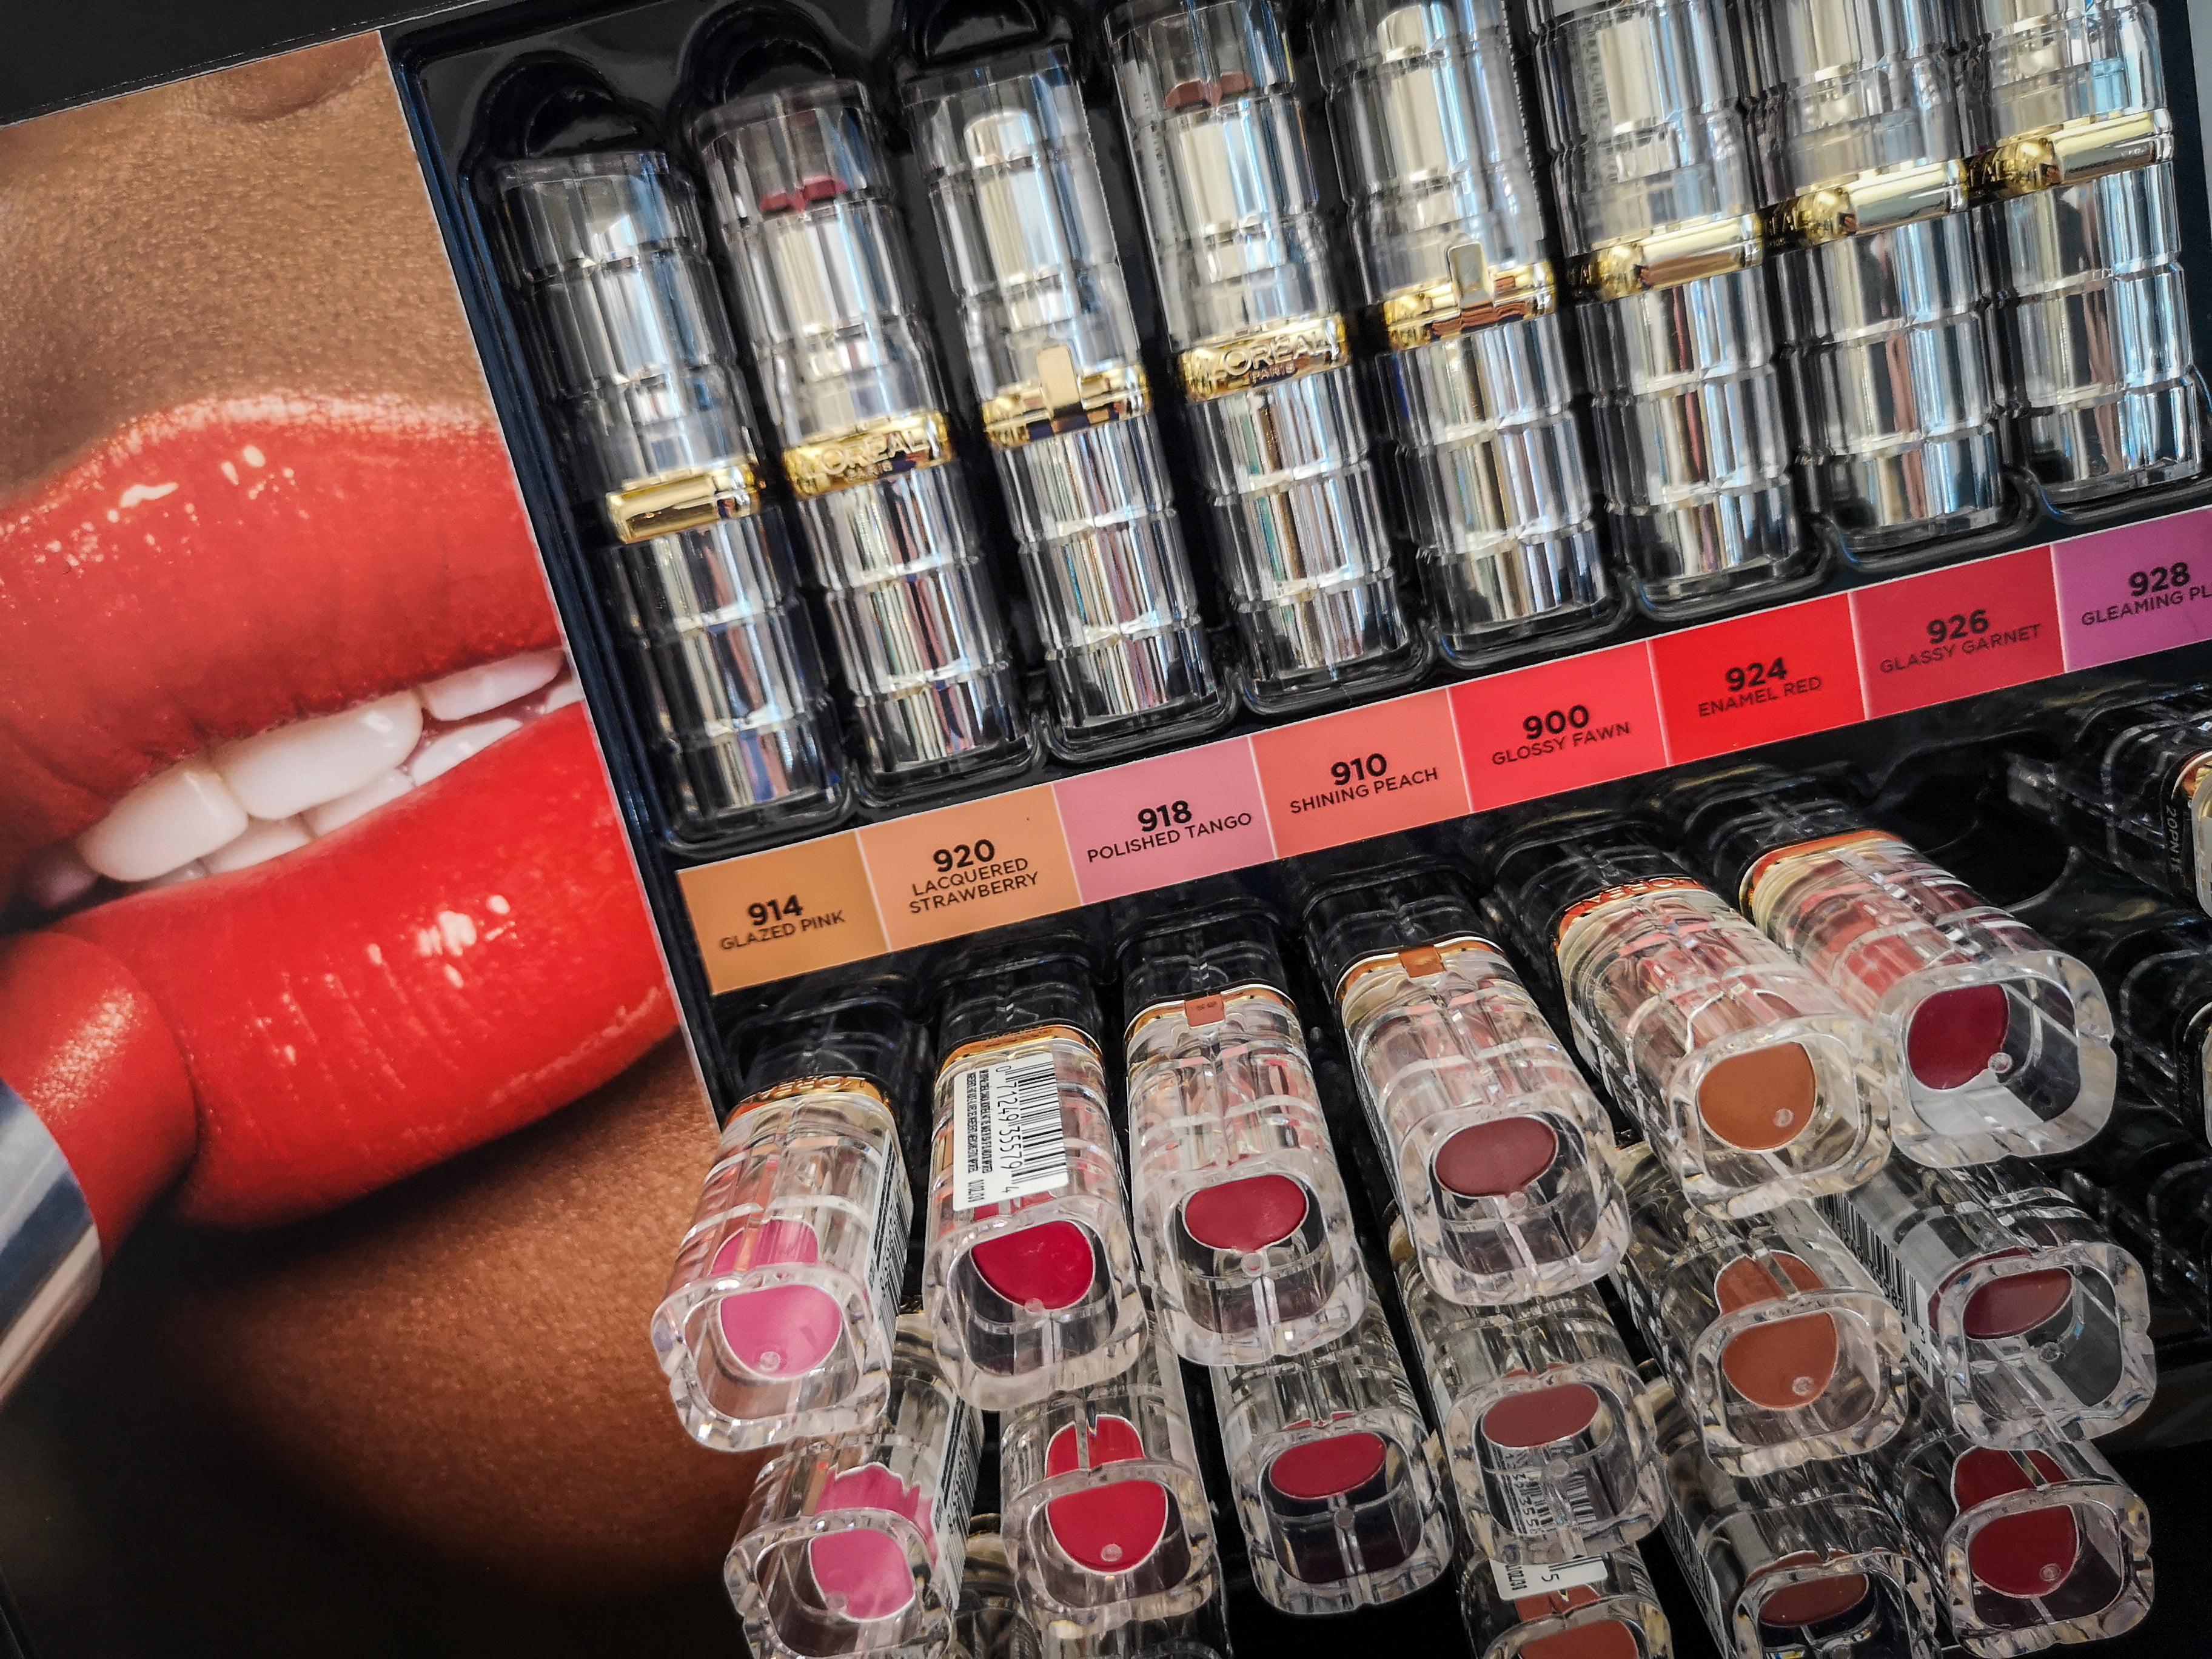 L'Oréal Paris lipstick